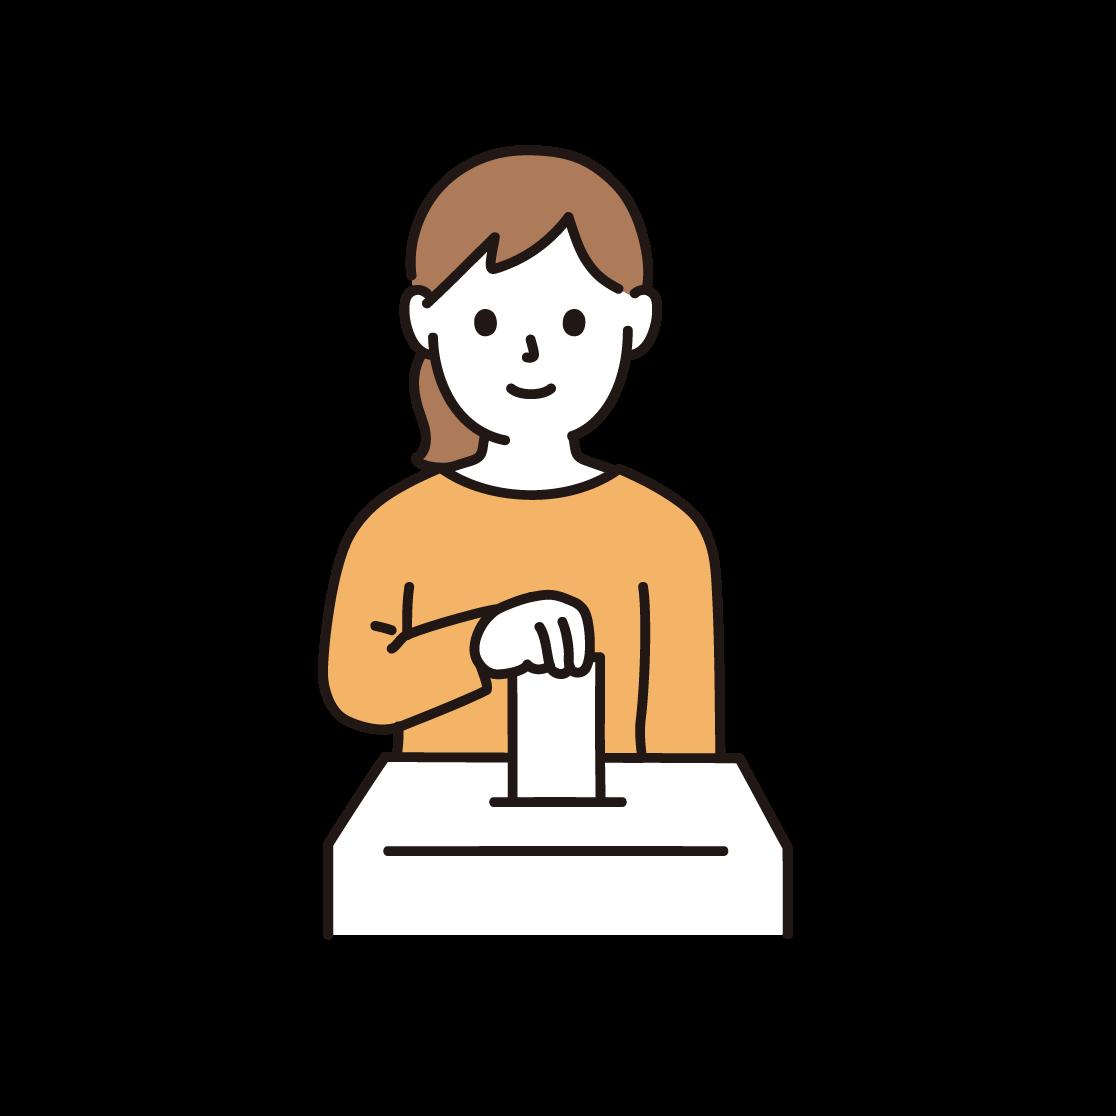 投票している女性のイラスト